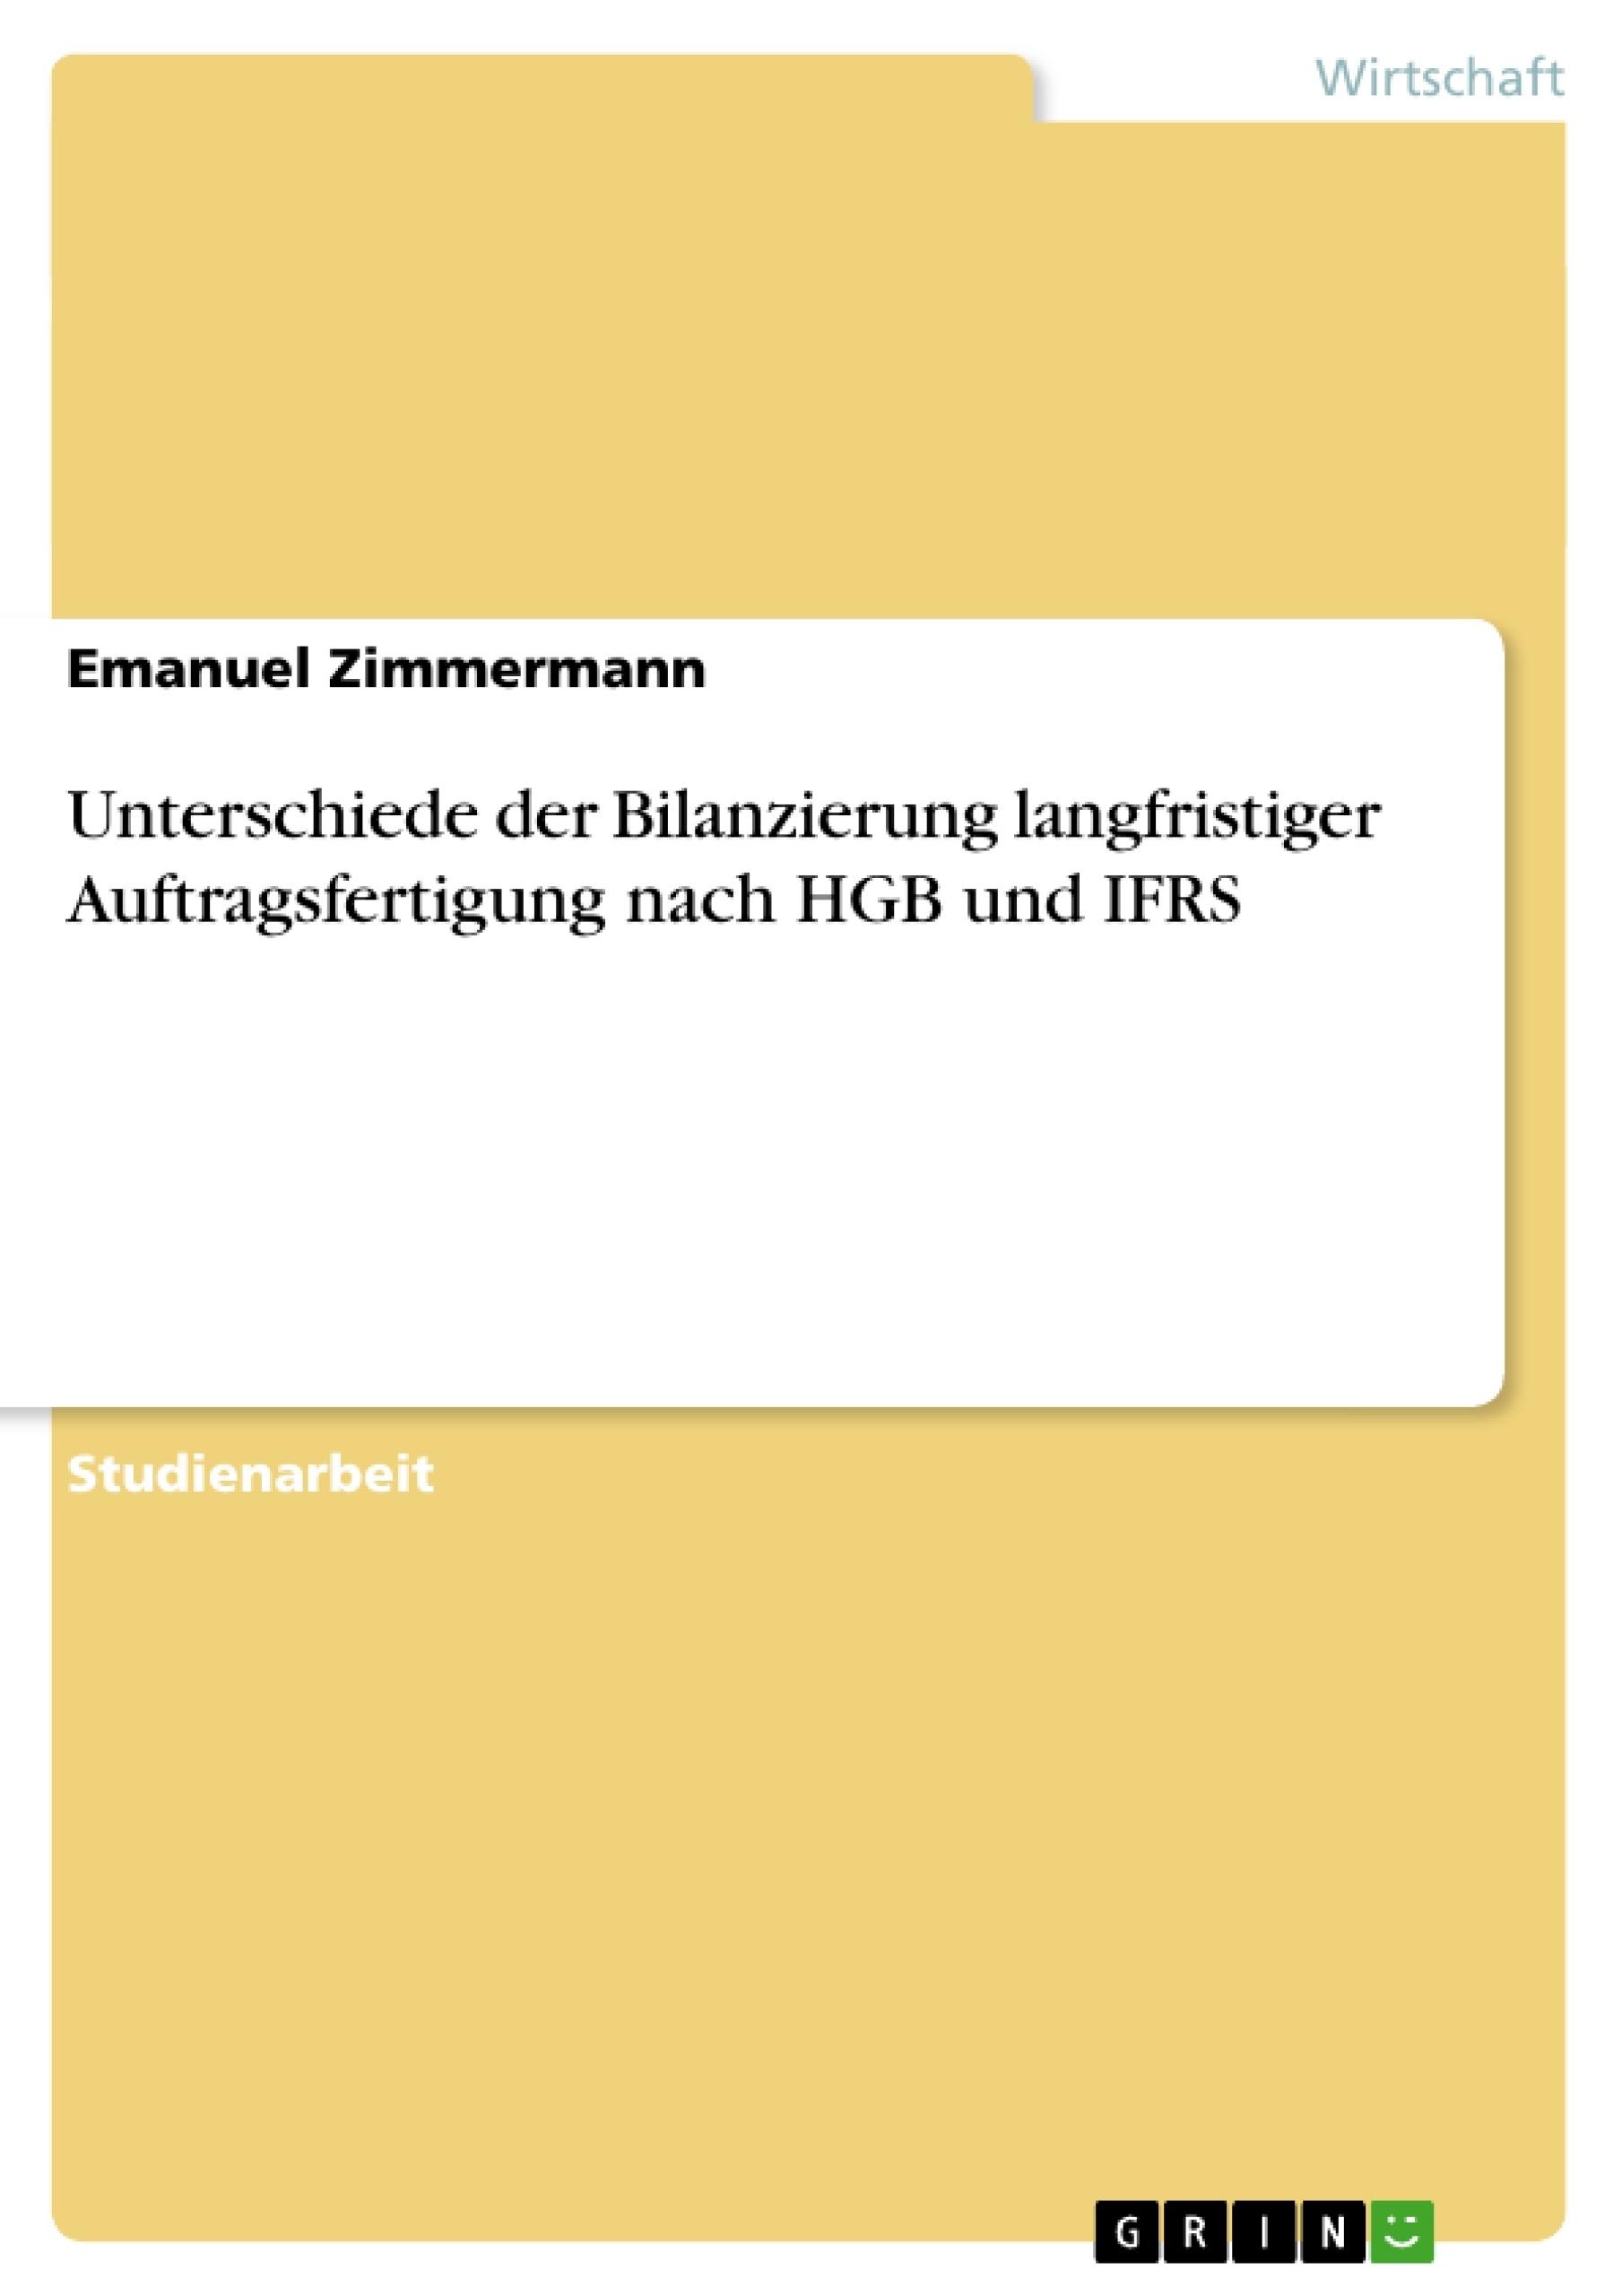 Titel: Unterschiede der Bilanzierung langfristiger Auftragsfertigung nach HGB und IFRS